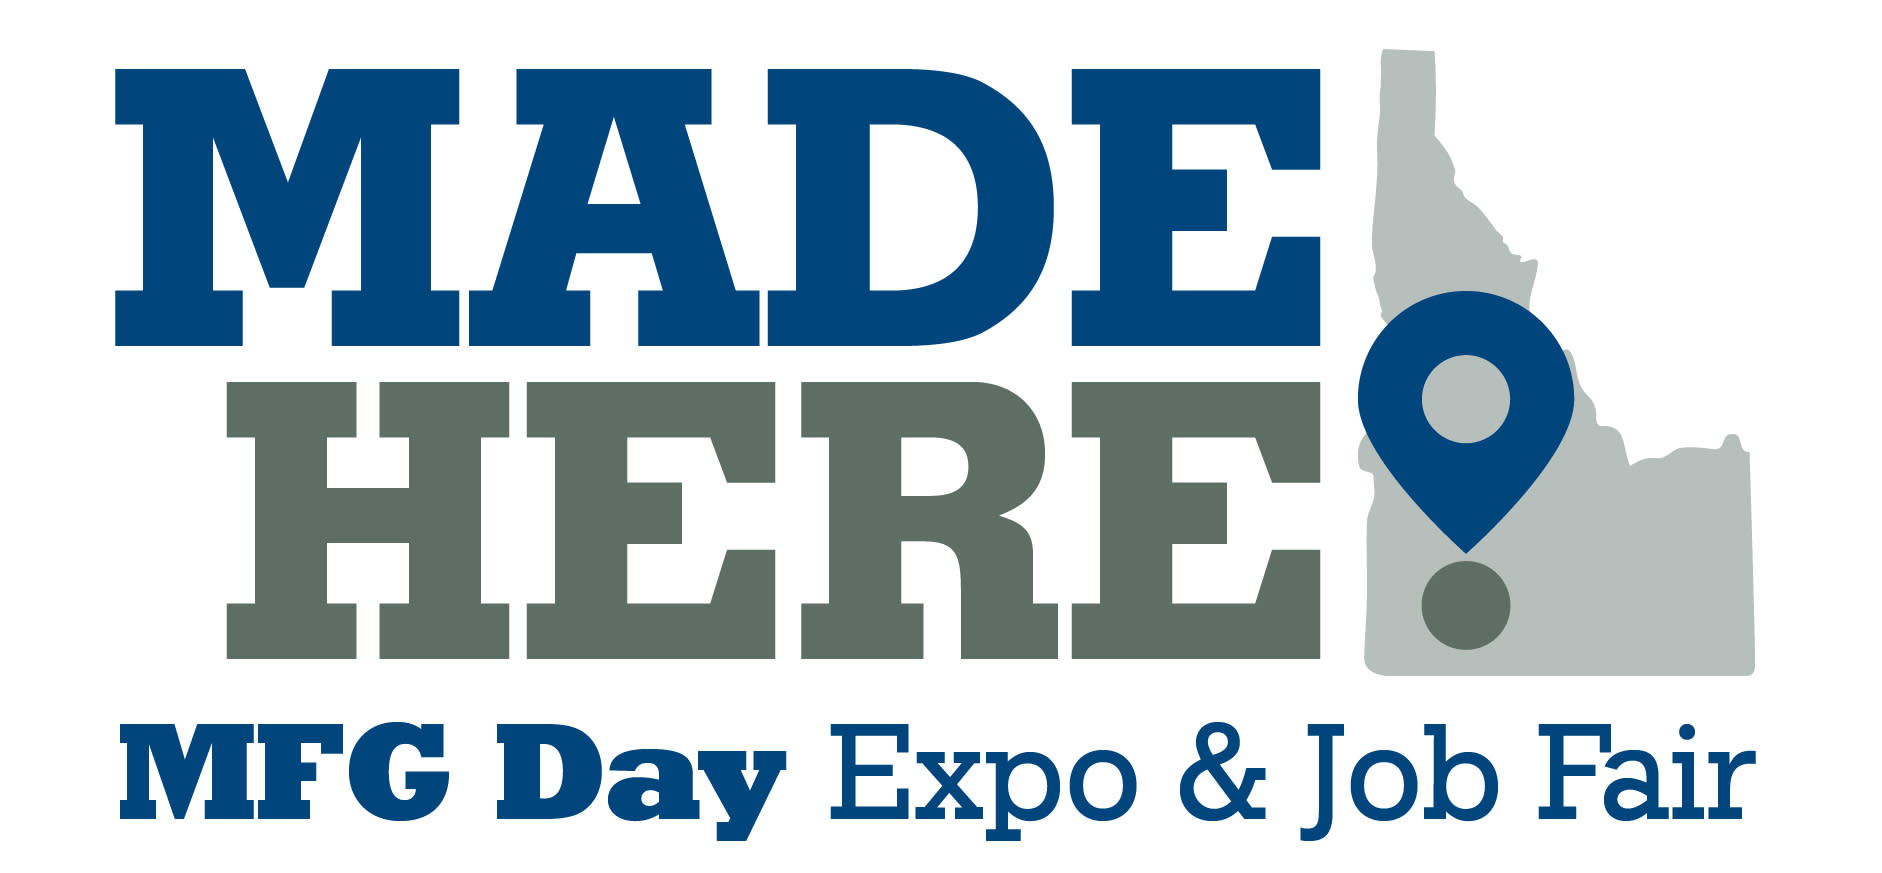 Made Here Expo & Job Fair logo